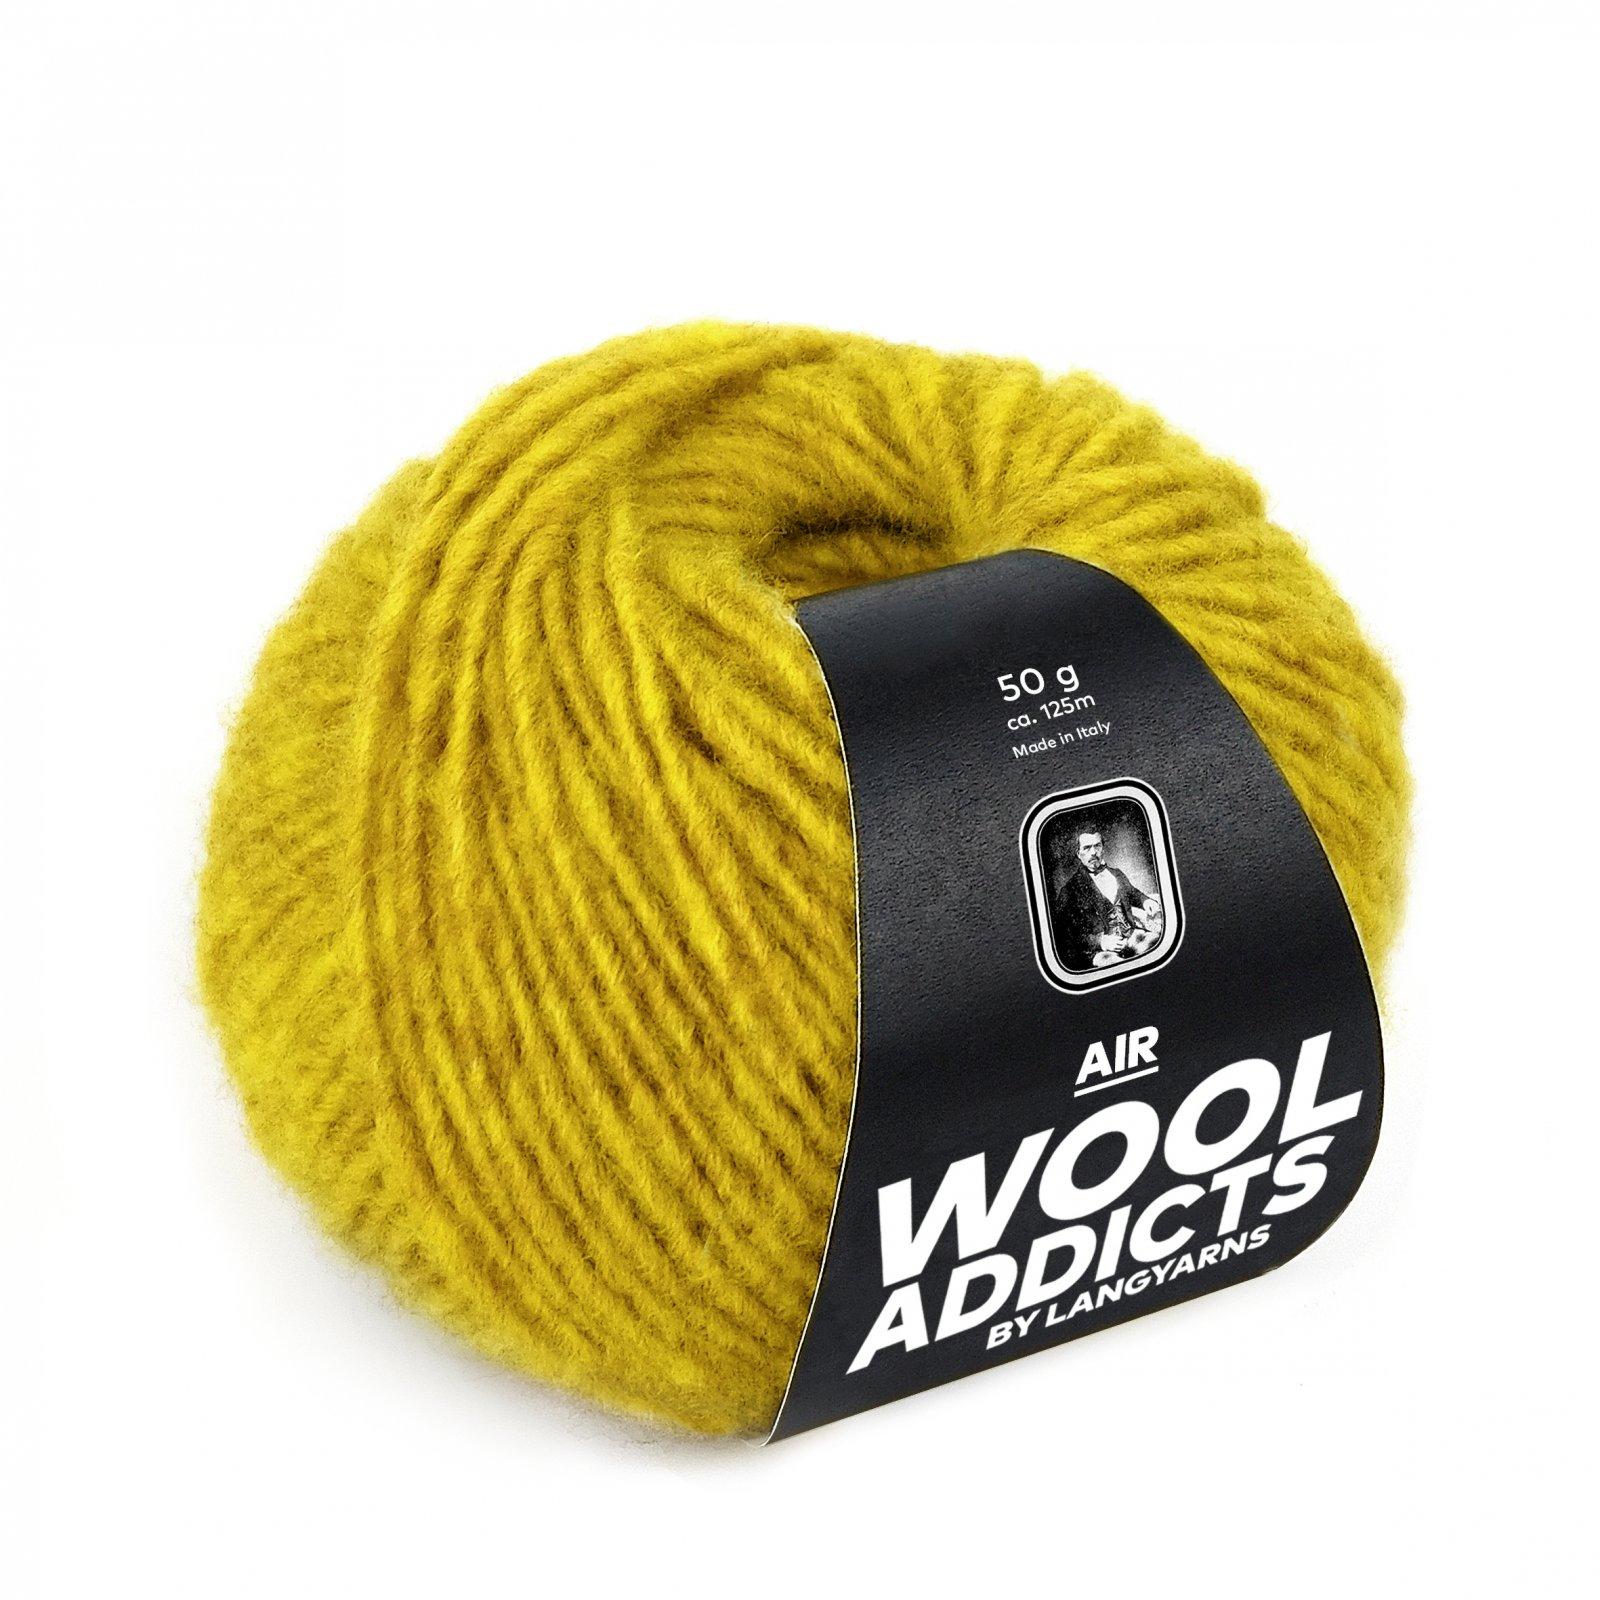 AIR - WoolAddicts by Lang